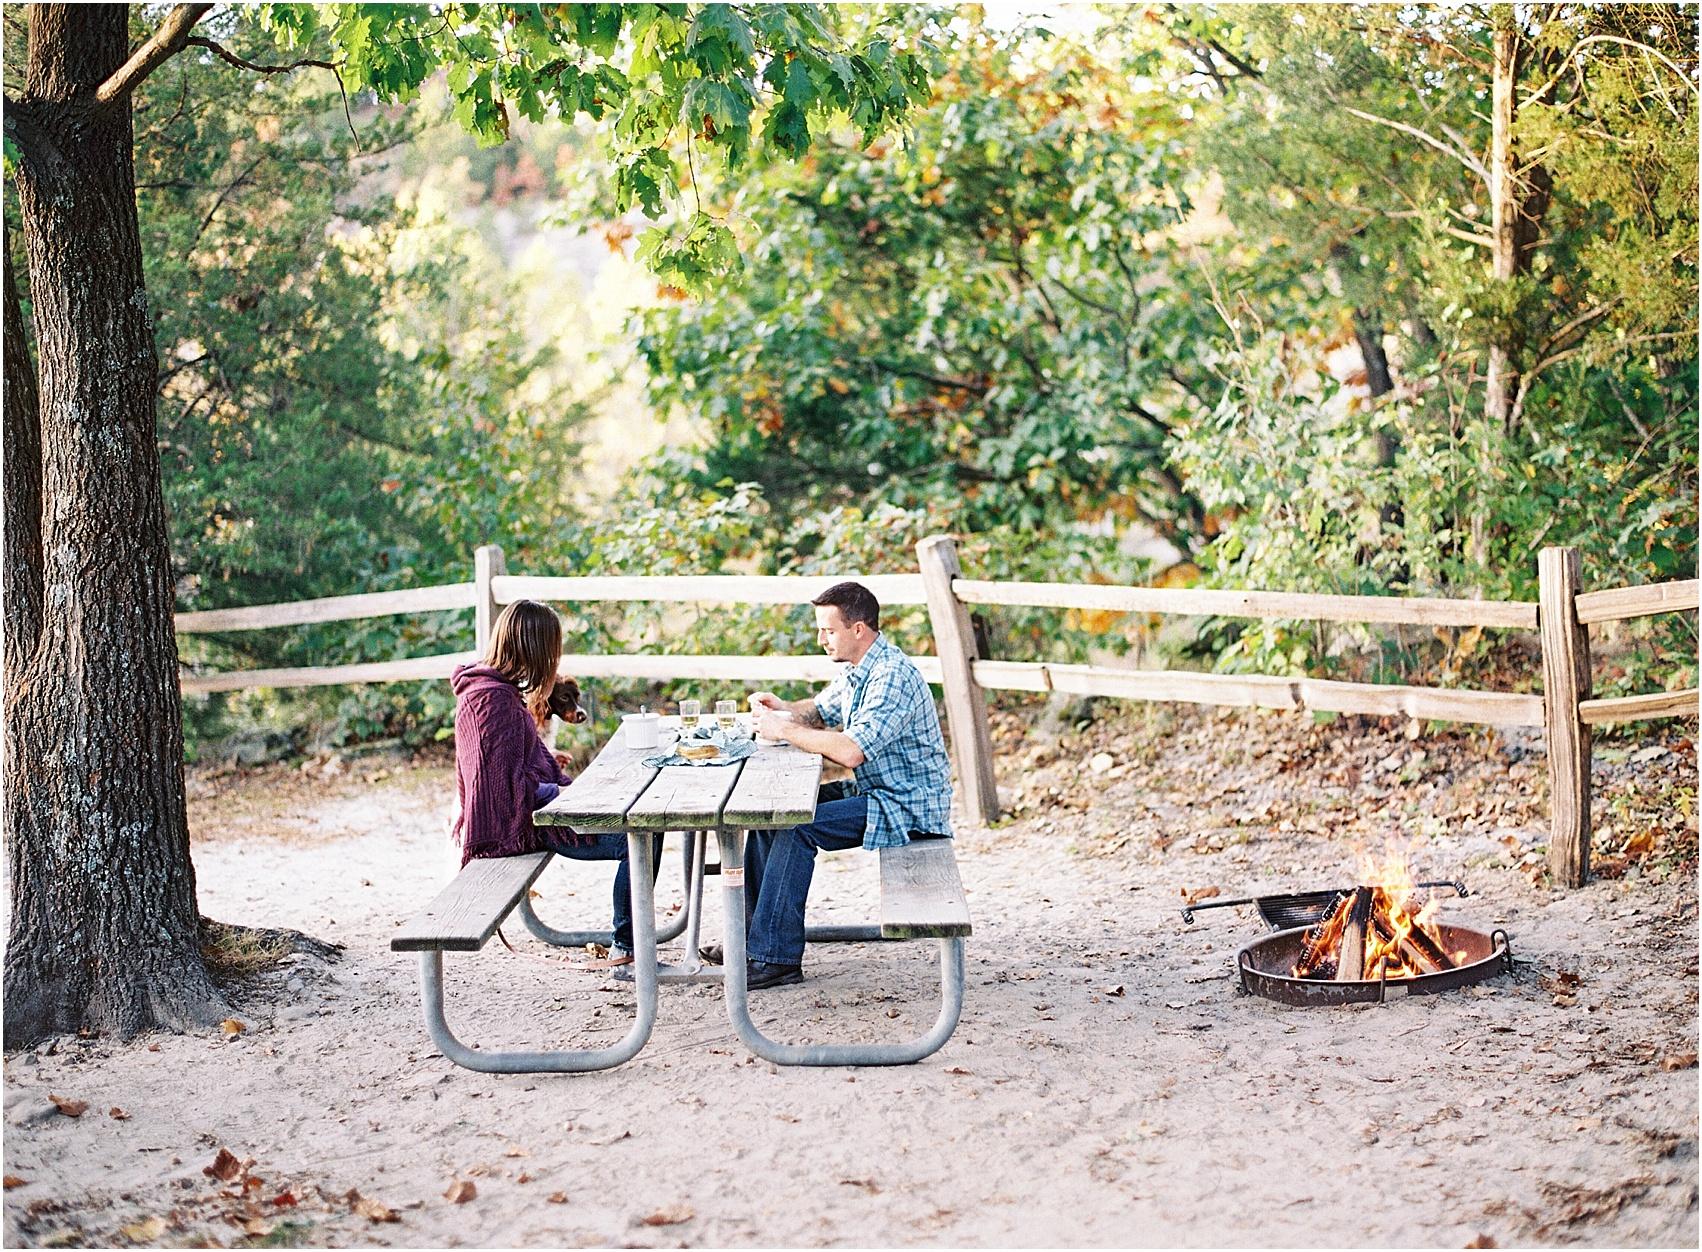 Augusta MO Klondike Park Engagement - Jordan Brittley Photography (www.jordanbrittley.com)